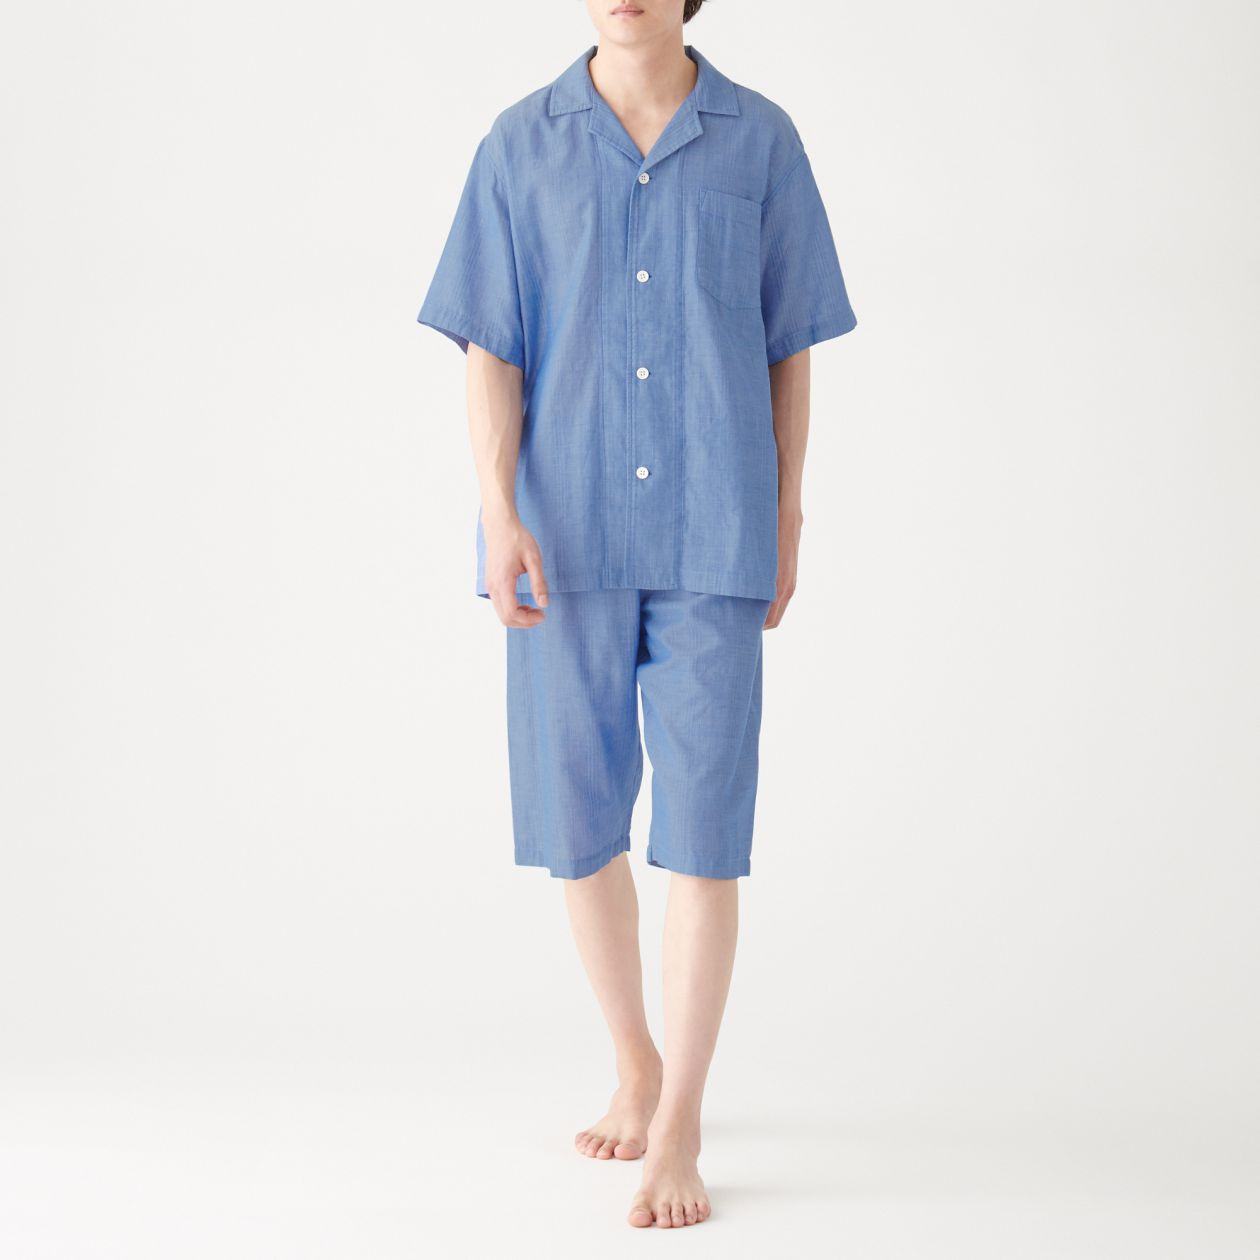 脇に縫い目のない 細番手二重ガーゼ半袖パジャマ